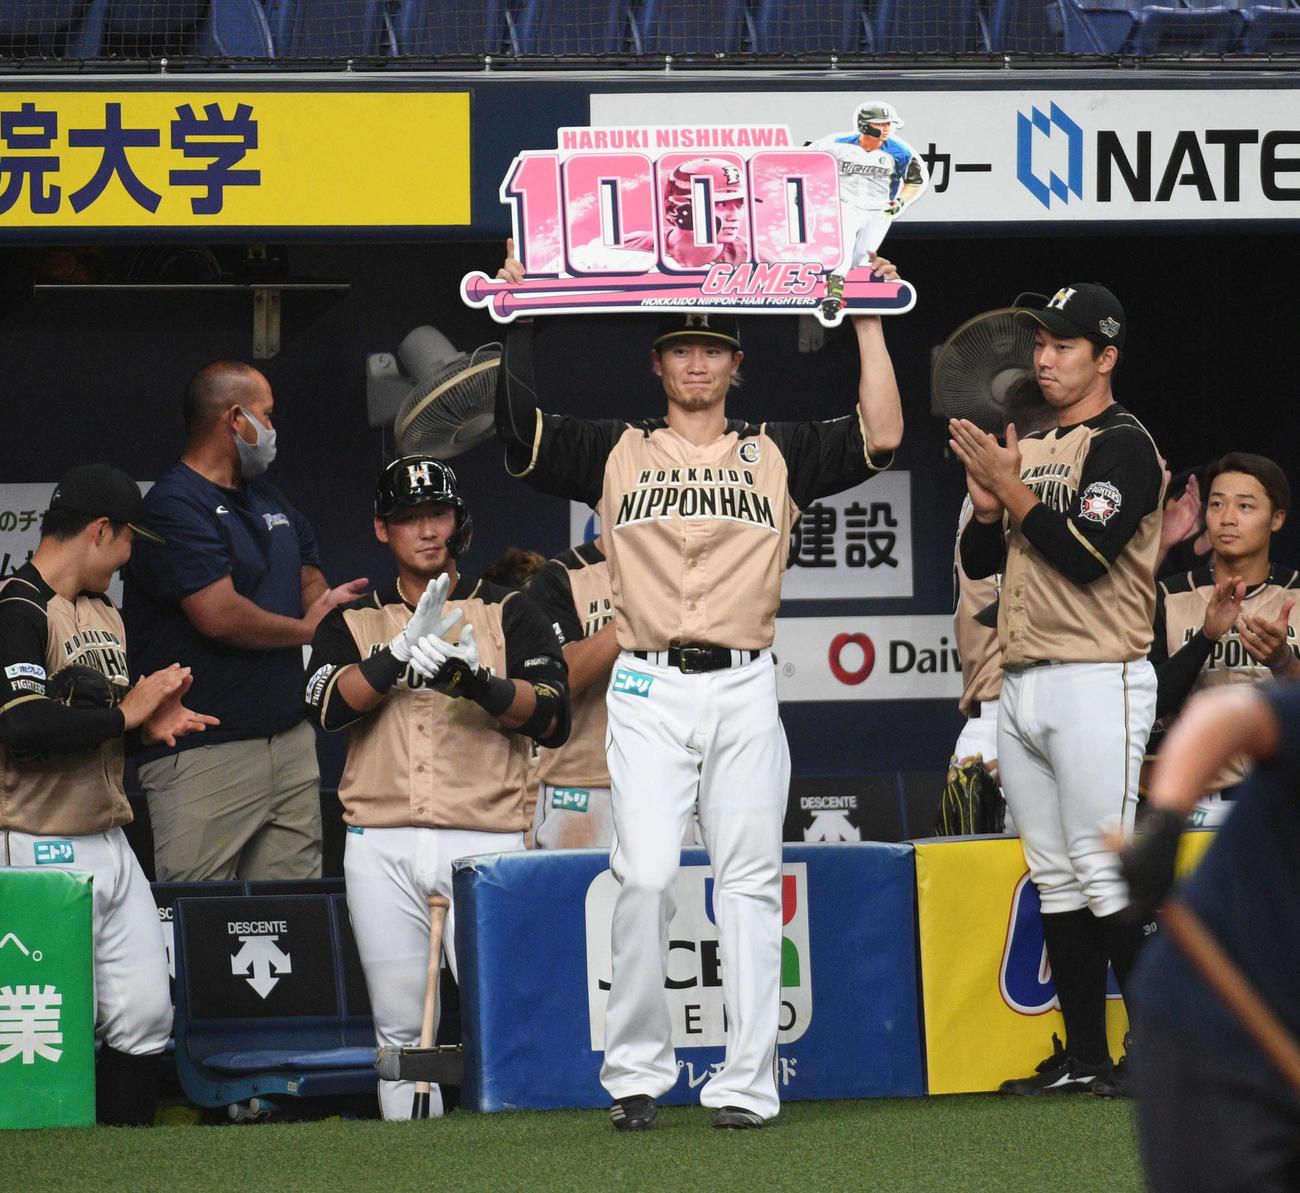 オリックス対日本ハム 1000試合出場を達成し、ボードを掲げる日本ハム西川(撮影・渦原淳)